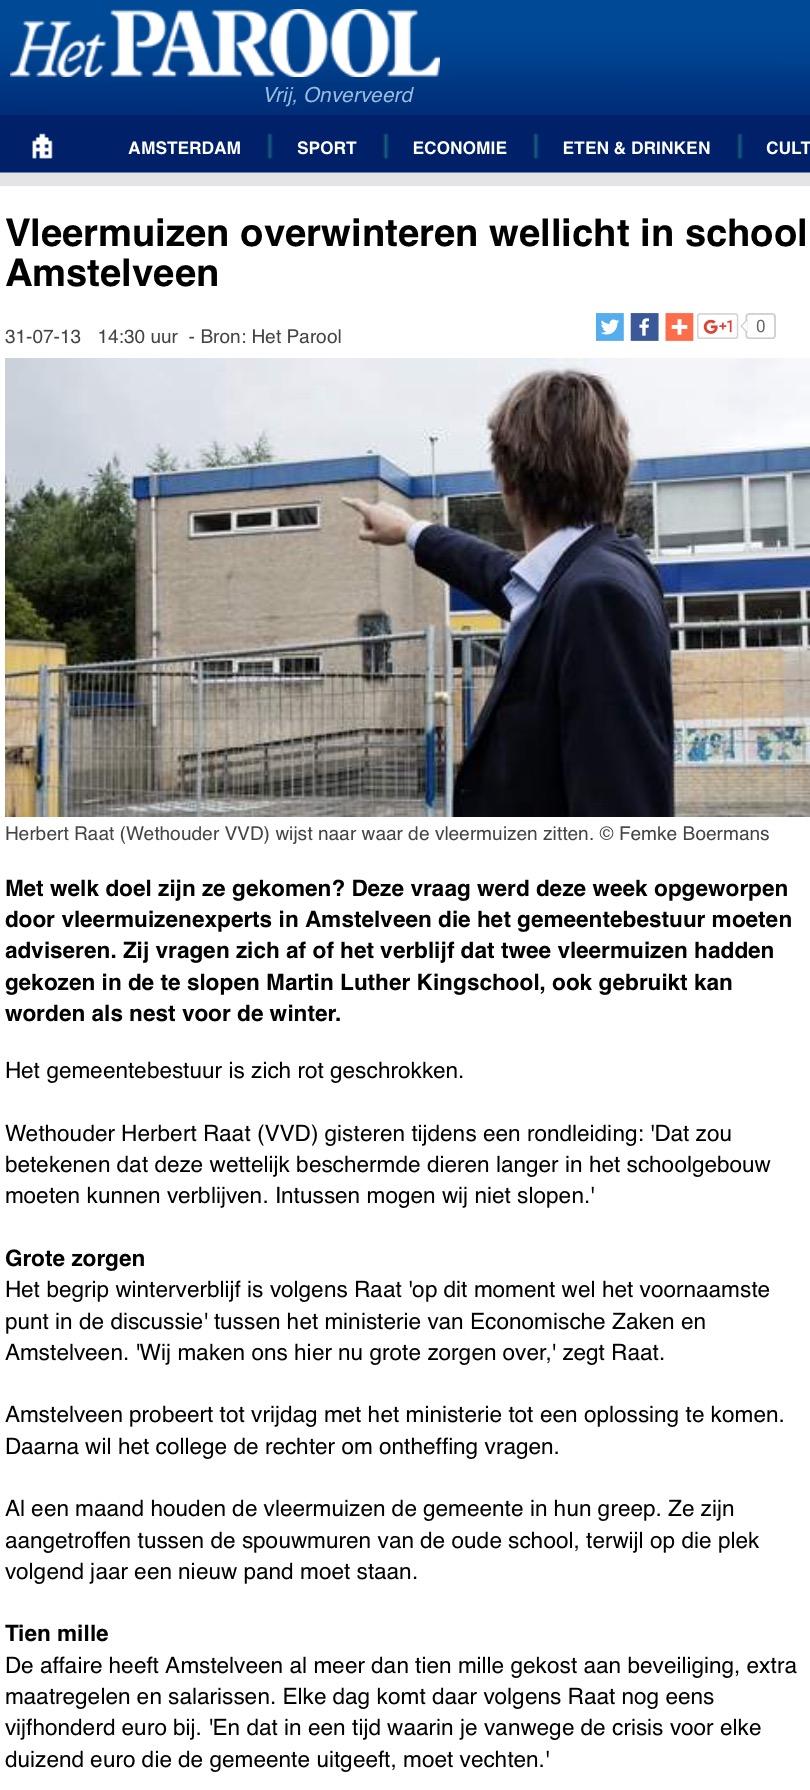 2013-31-7 Het Parool over vleermuizen Amstelveen